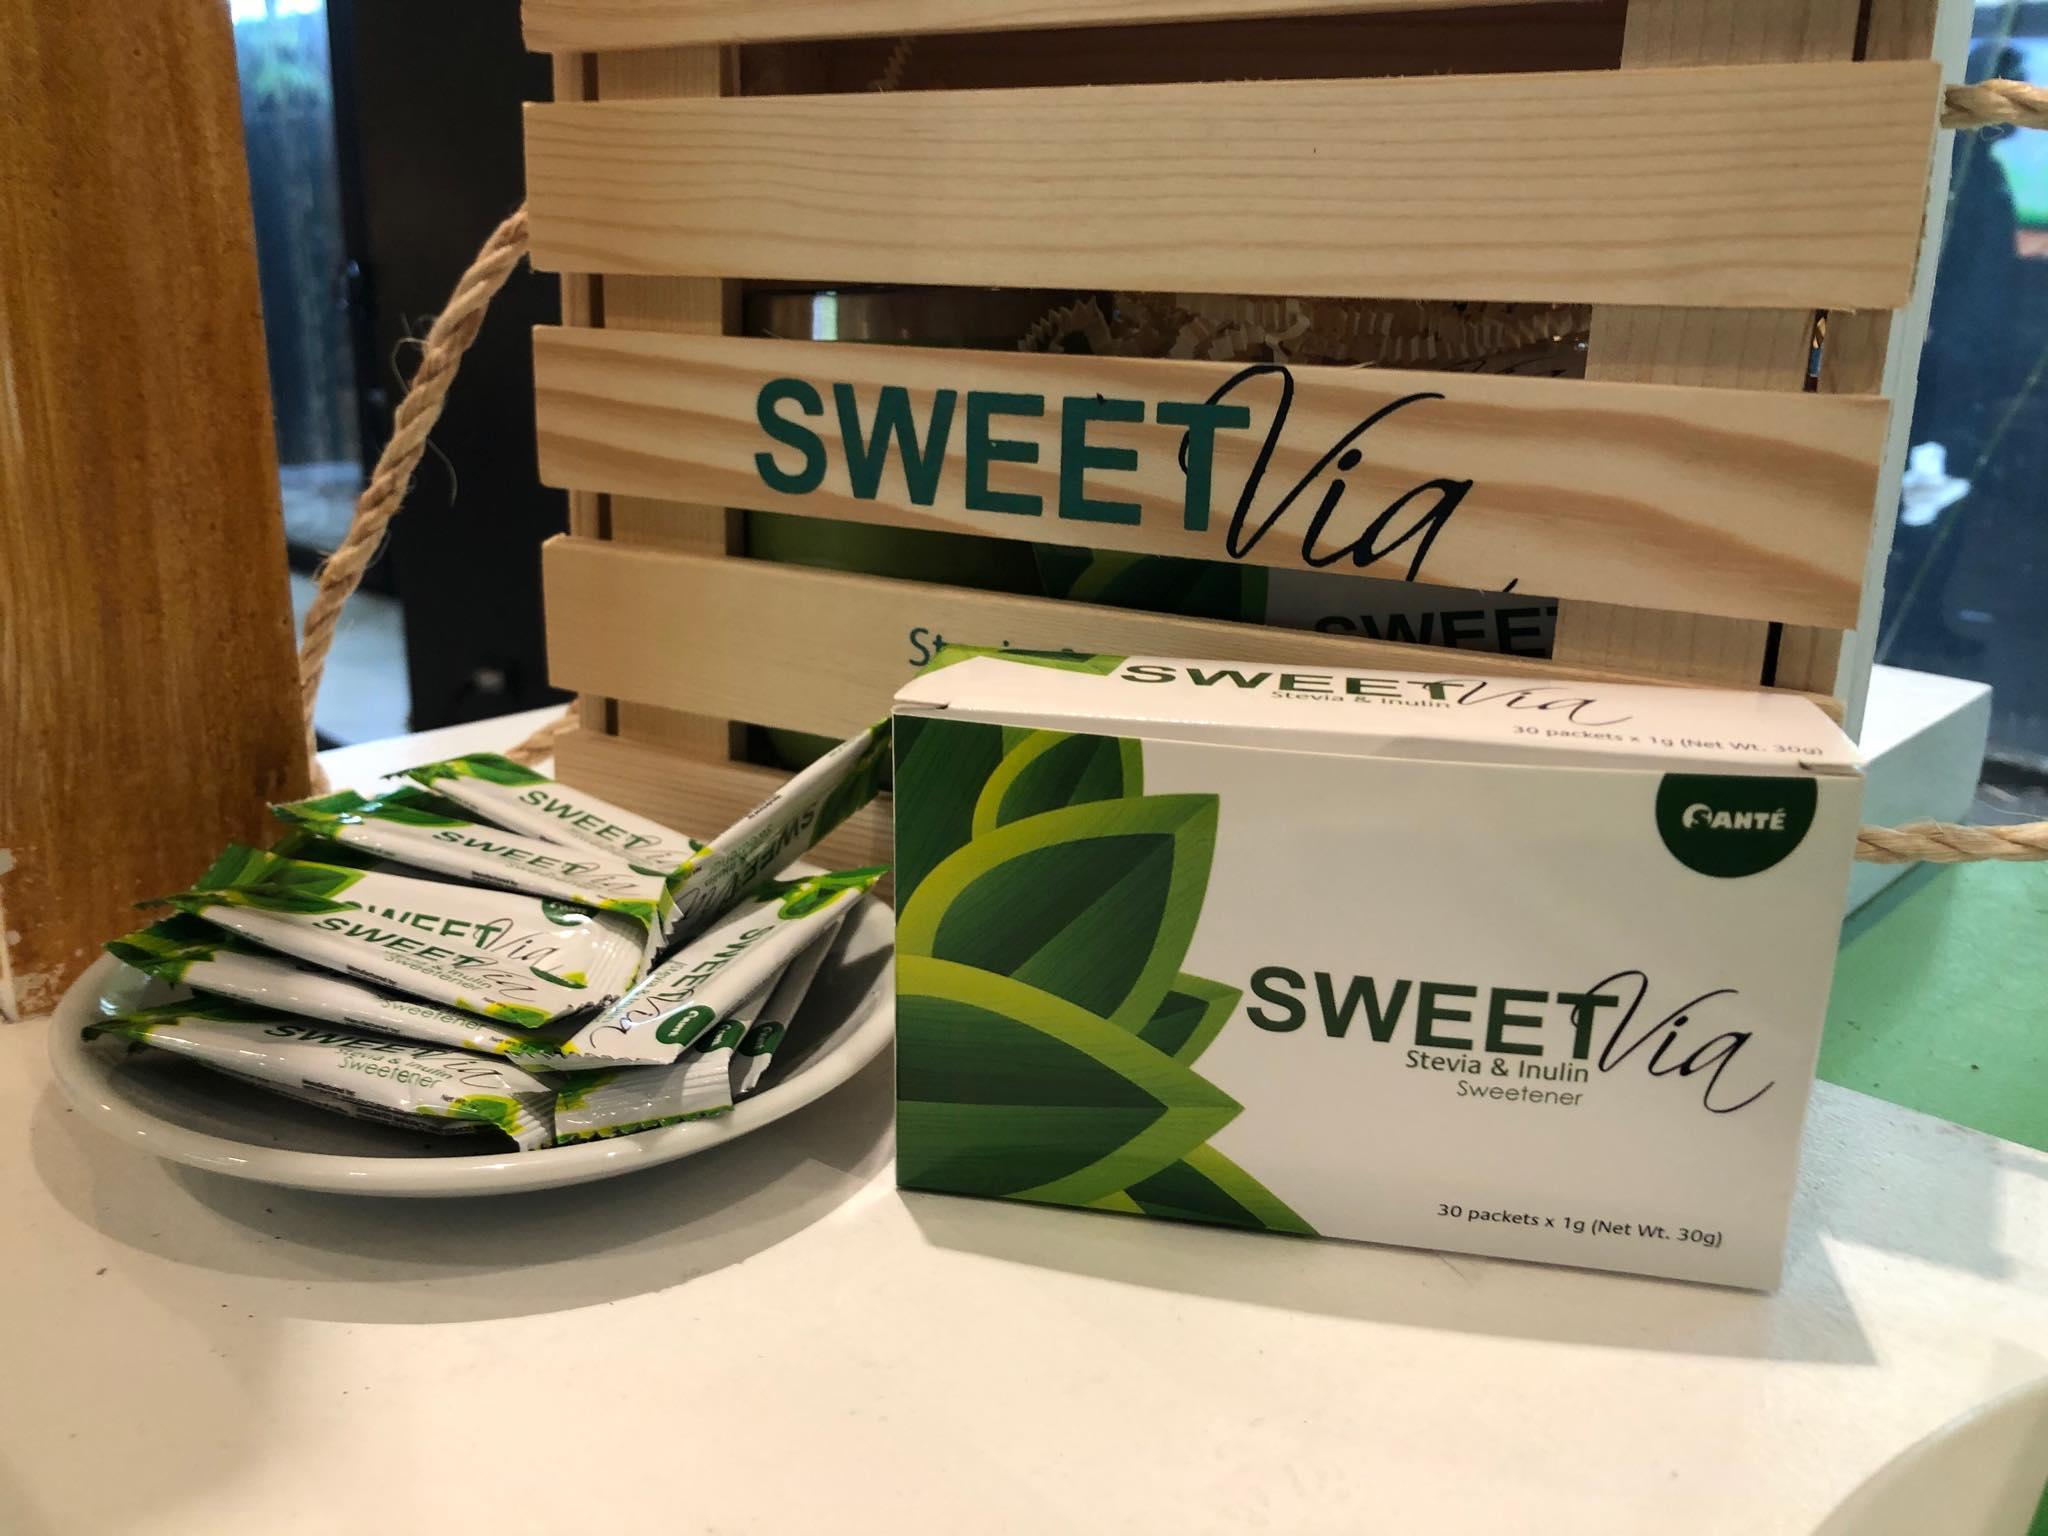 SweetVia